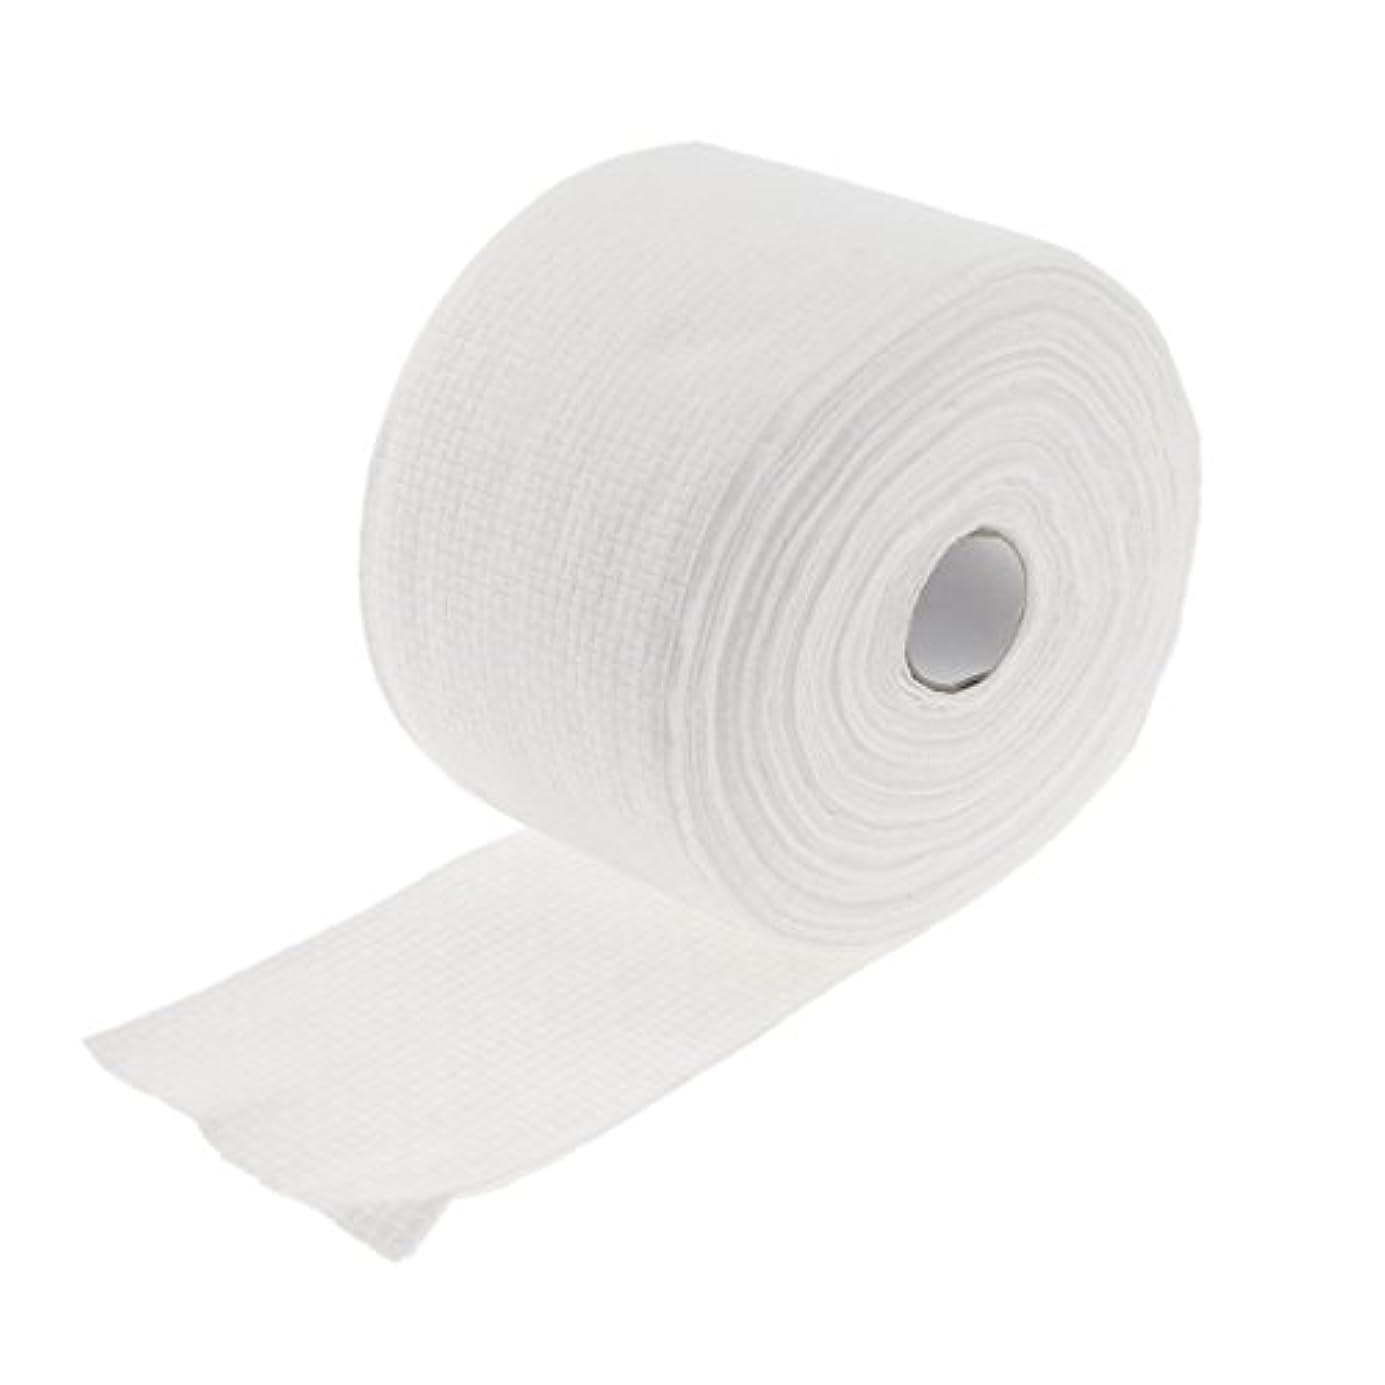 ブロンズ宣教師農学Kesoto ロール式 使い捨て 洗顔タオル 使い捨てタオル 30M コットン 繊維 メイクリムーバー 2タイプ選べる - #1